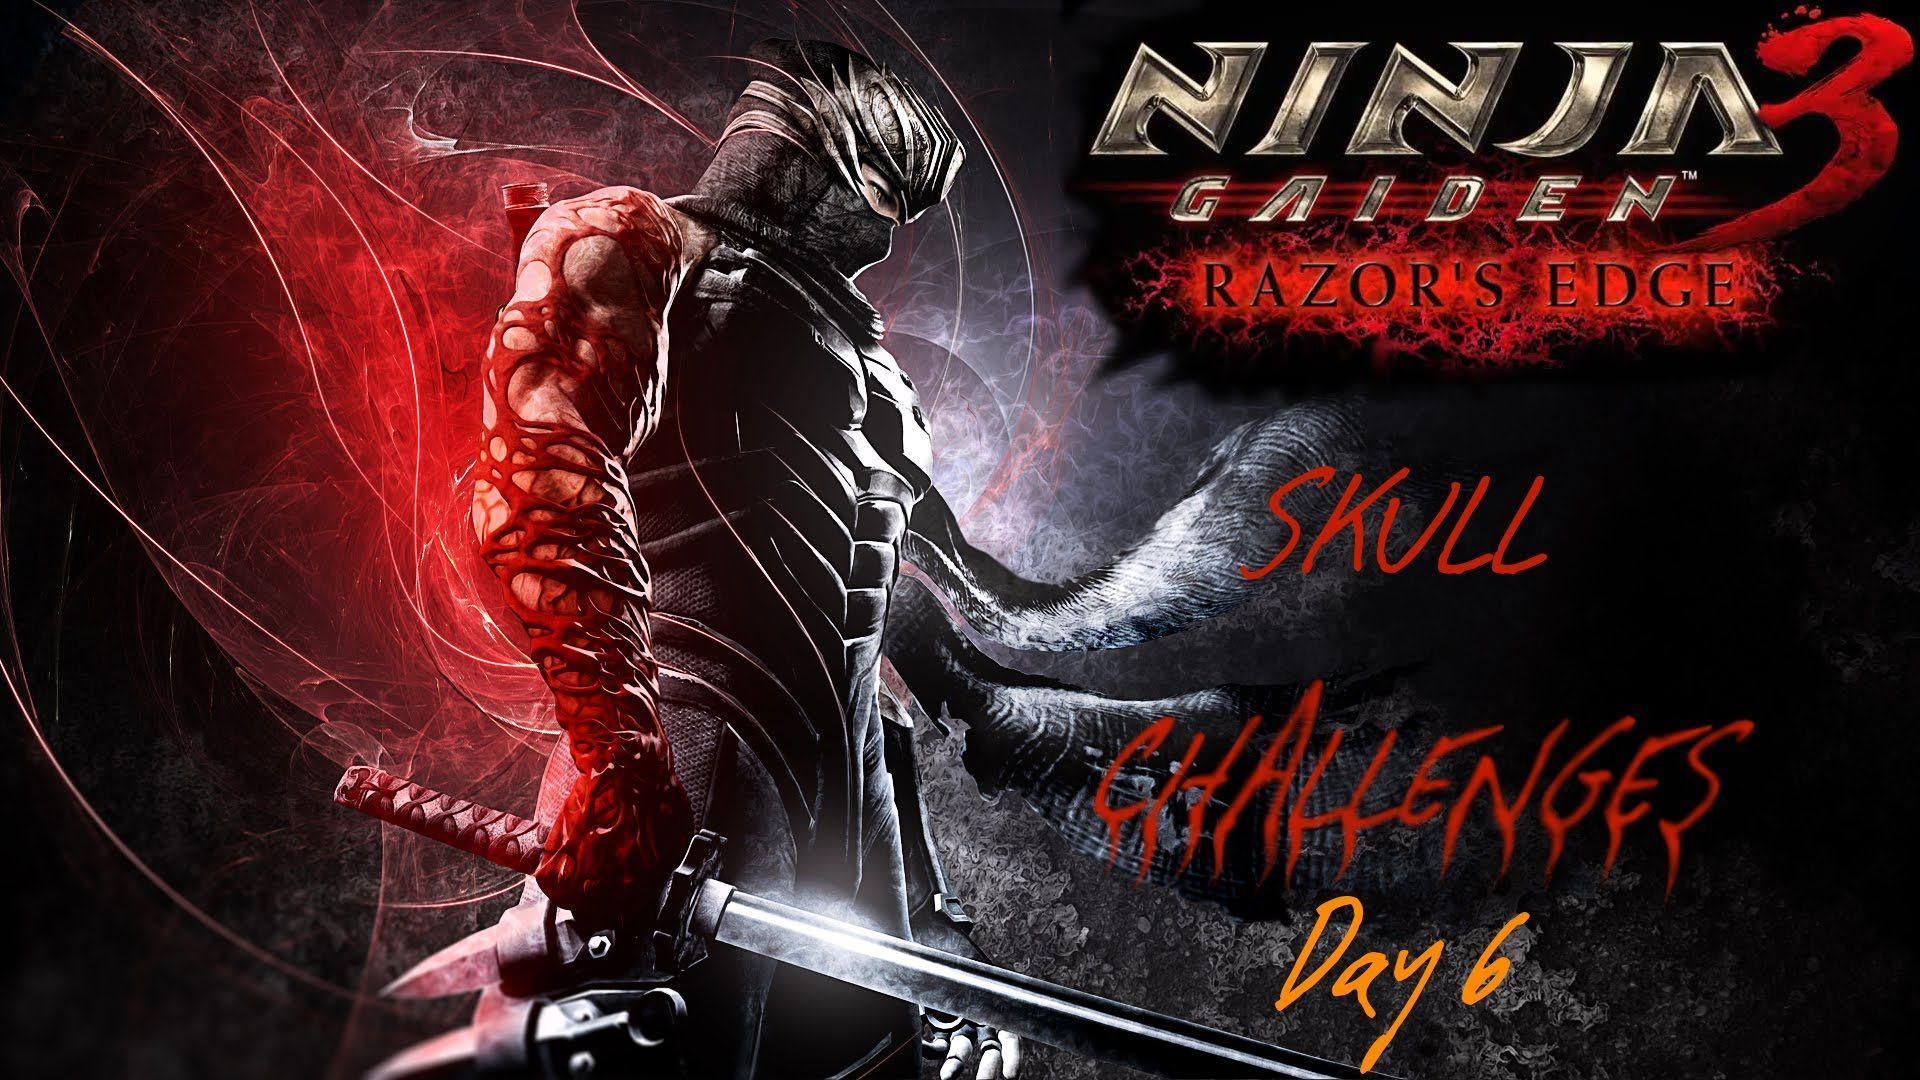 Ninja Gaiden 3 Wallpapers - Top Free Ninja Gaiden 3